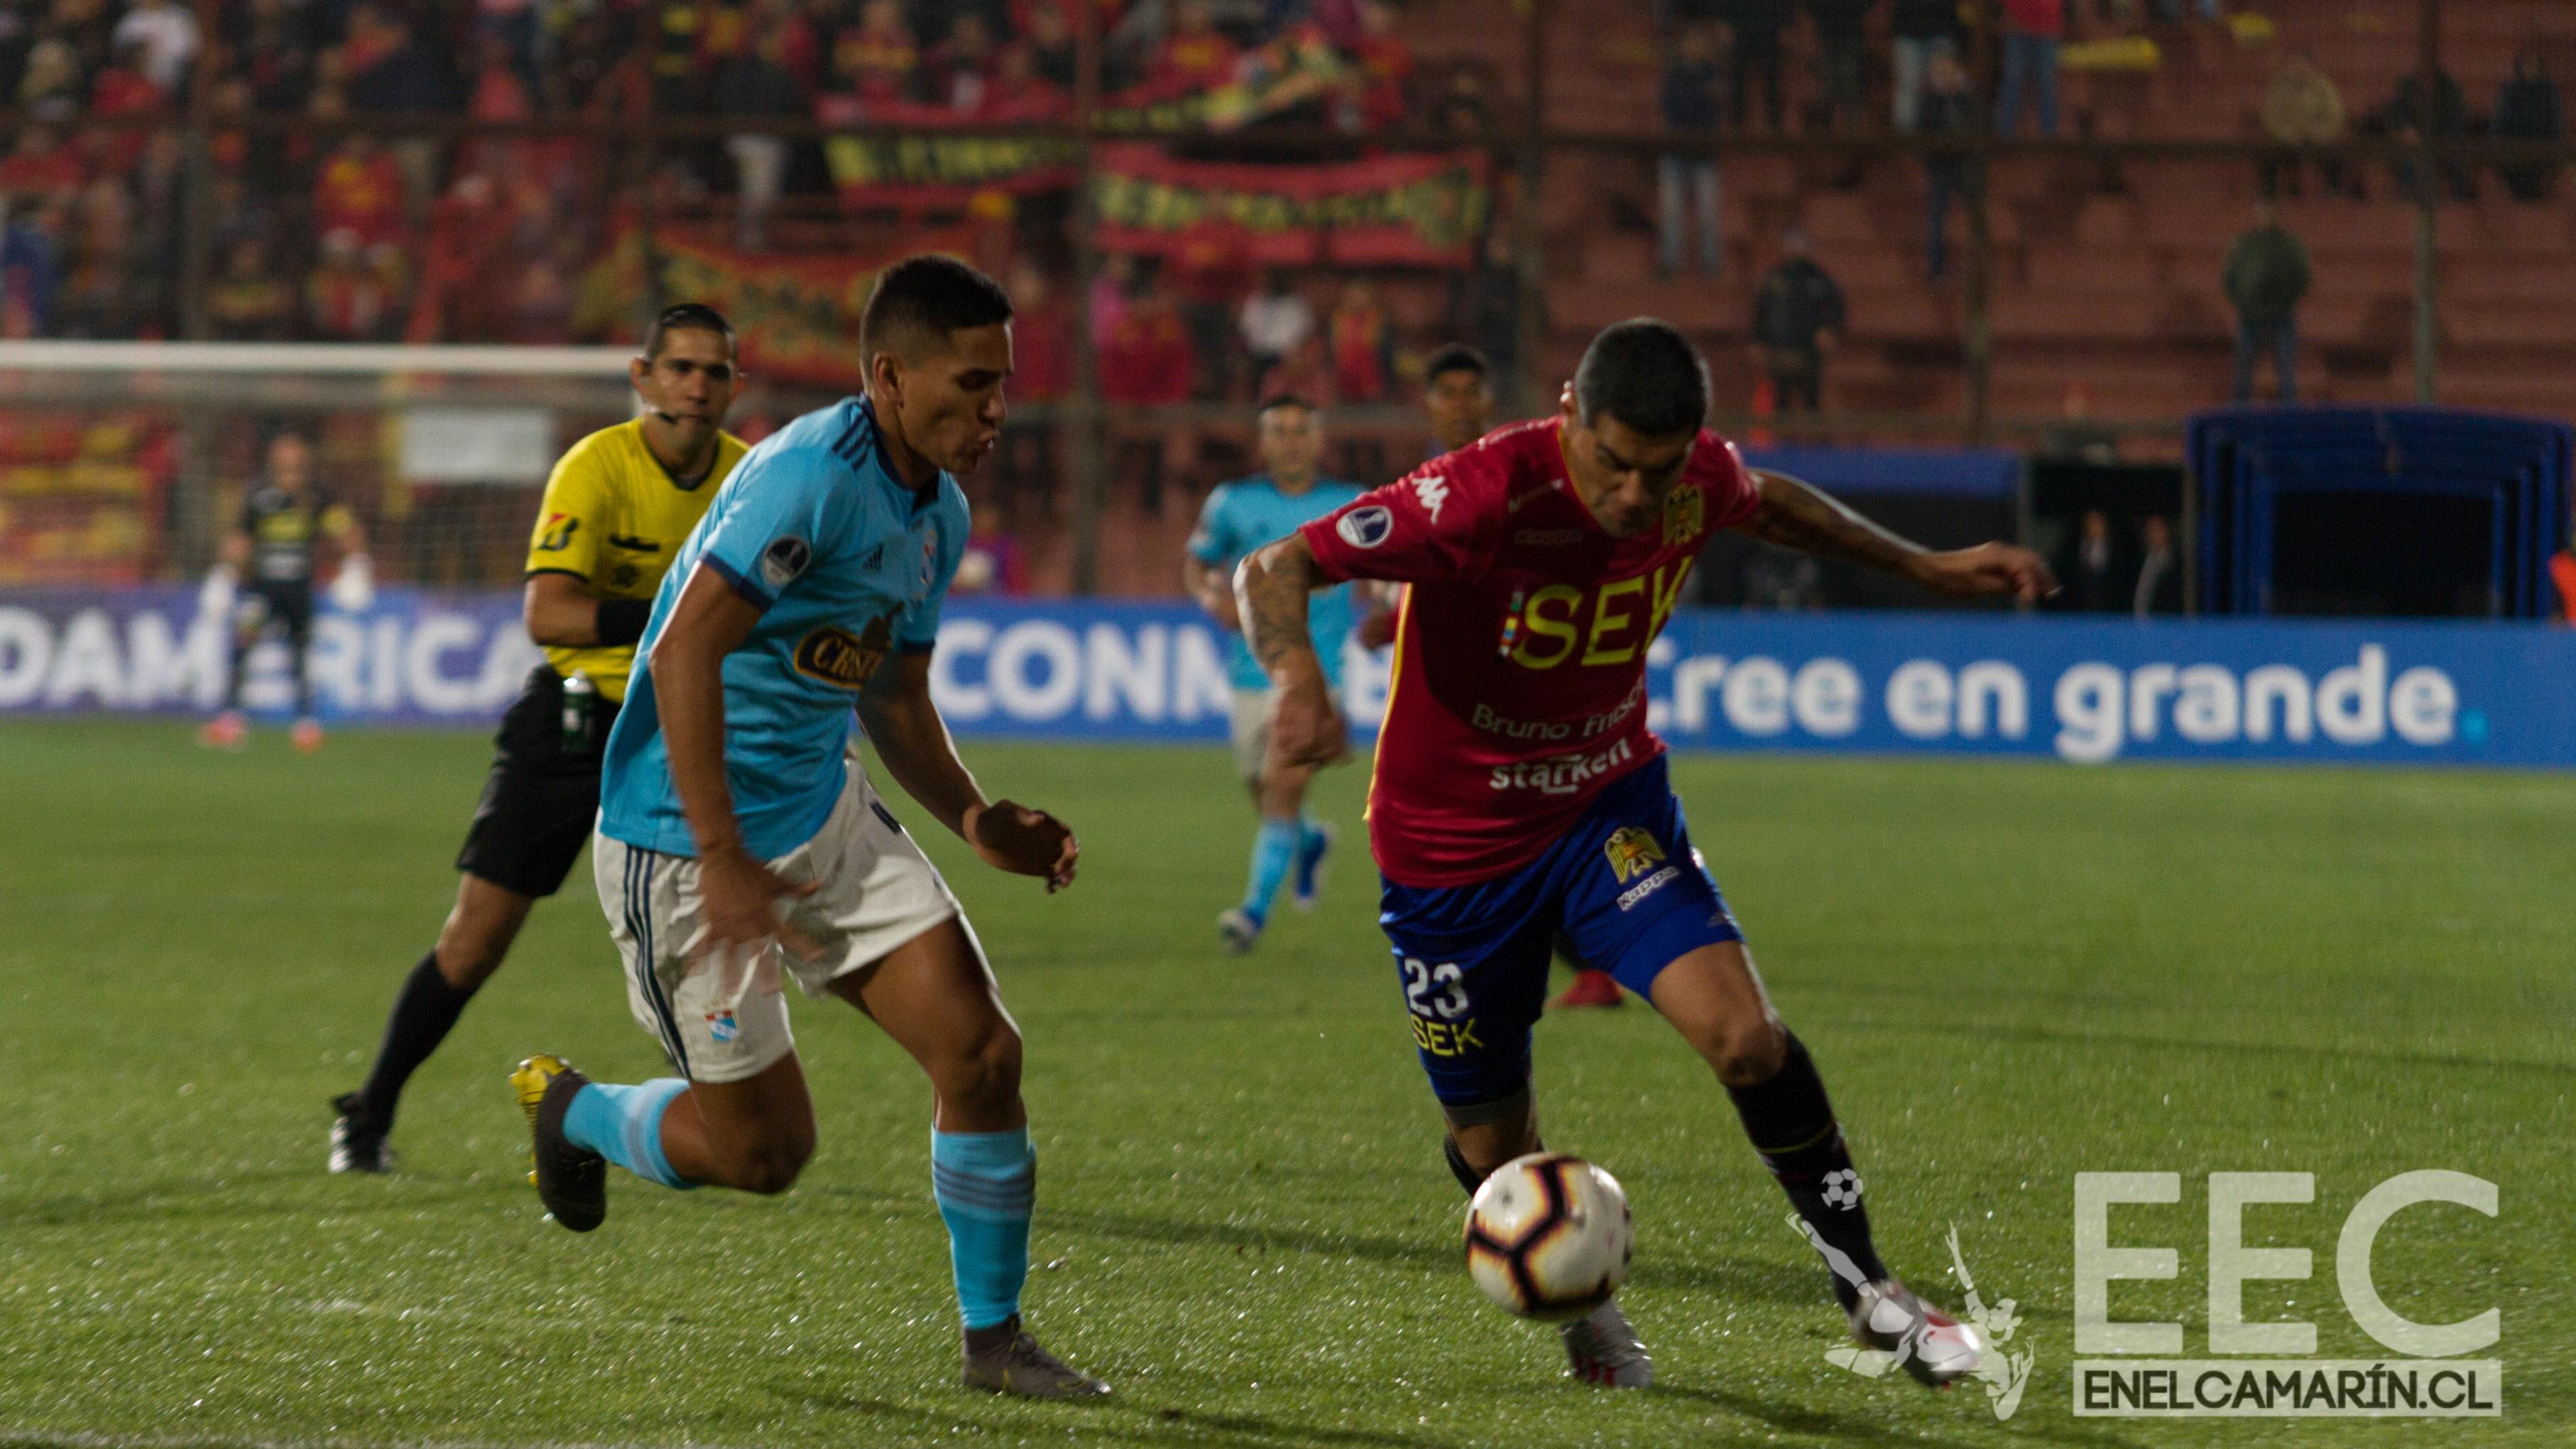 Galería de fotos: Unión Española vs Sporting Cristal